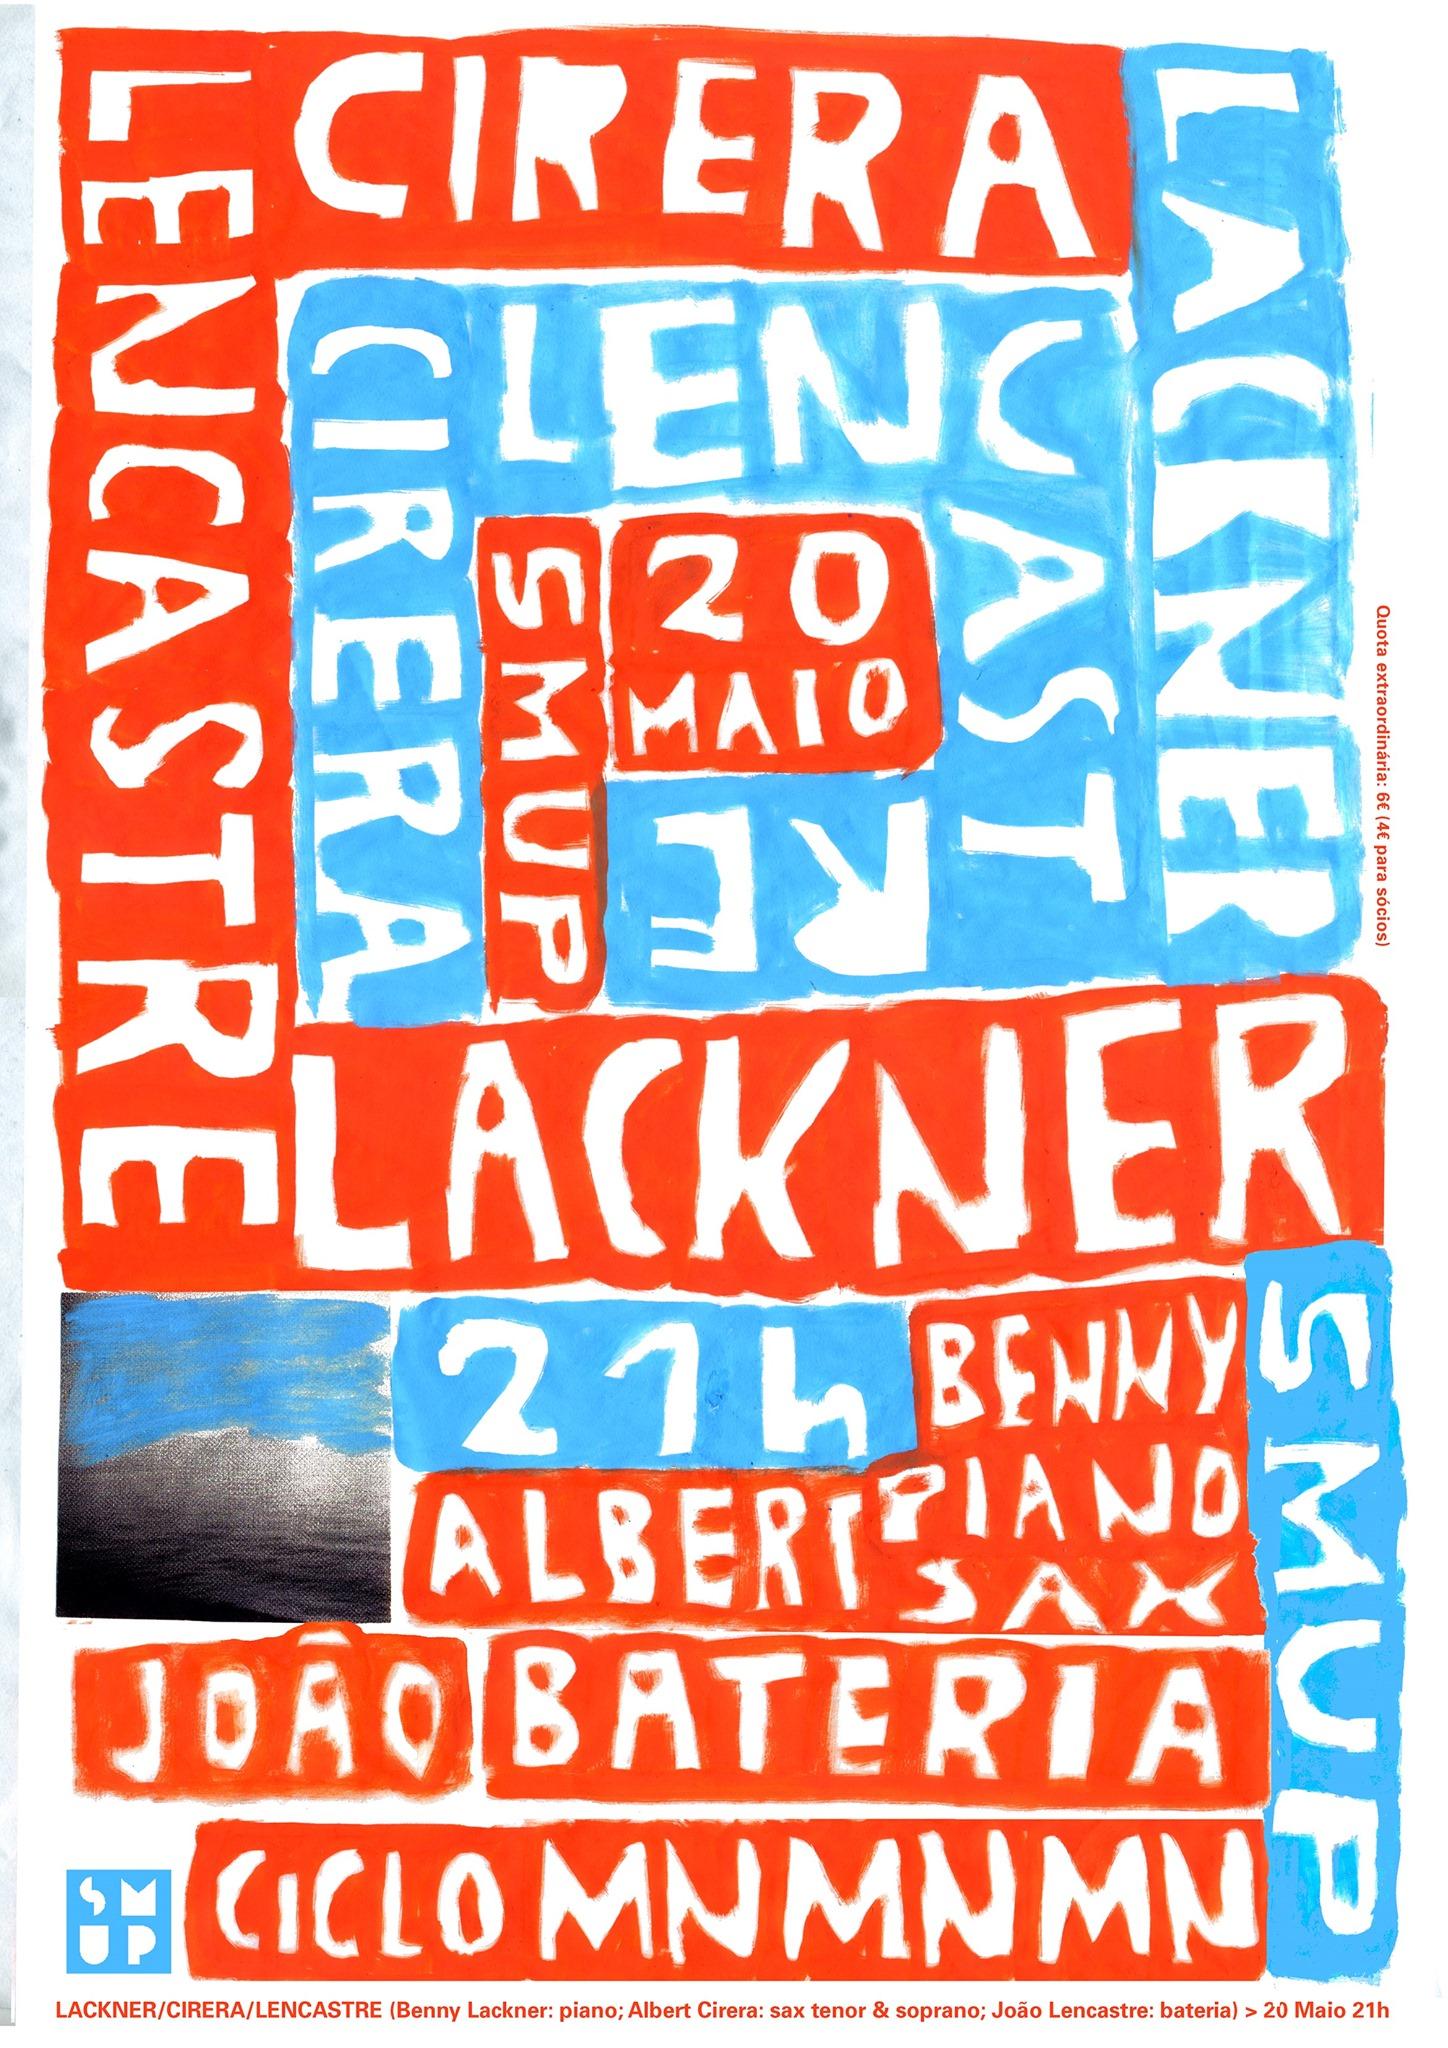 Lackner, Cirera, Lencastre